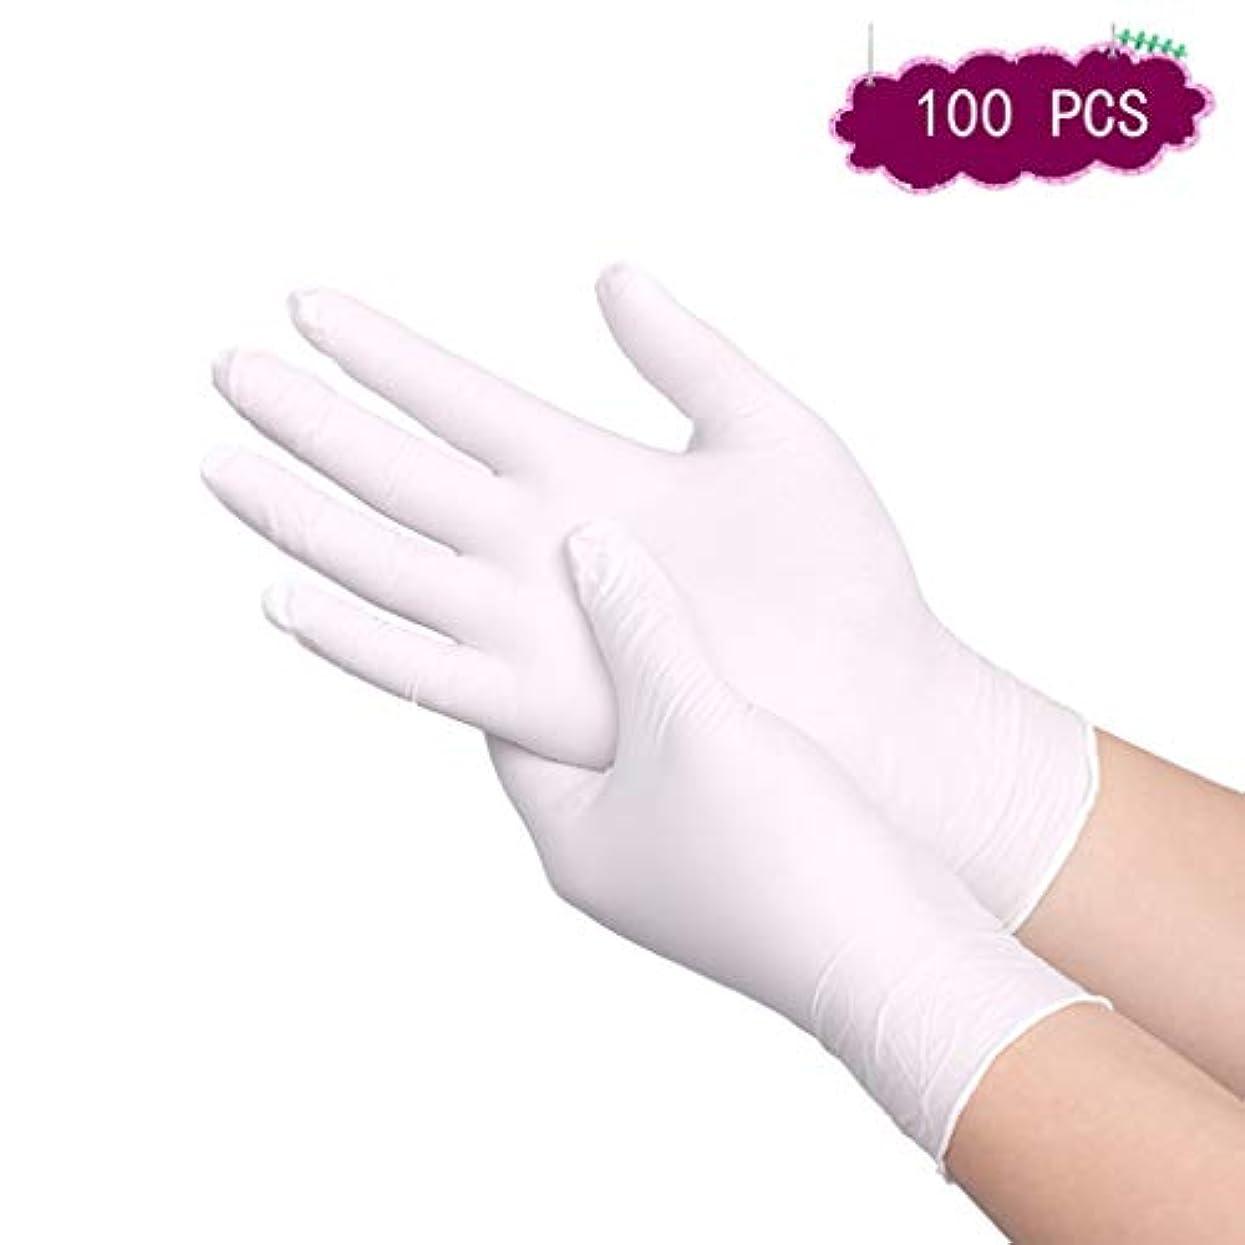 トライアスロンねばねば無許可使い捨てラテックス手袋ニトリル9インチ12インチ酸やアルカリ耐性実験室美容手袋厚み付けないパウダー (Color : 9 inch, Size : S)